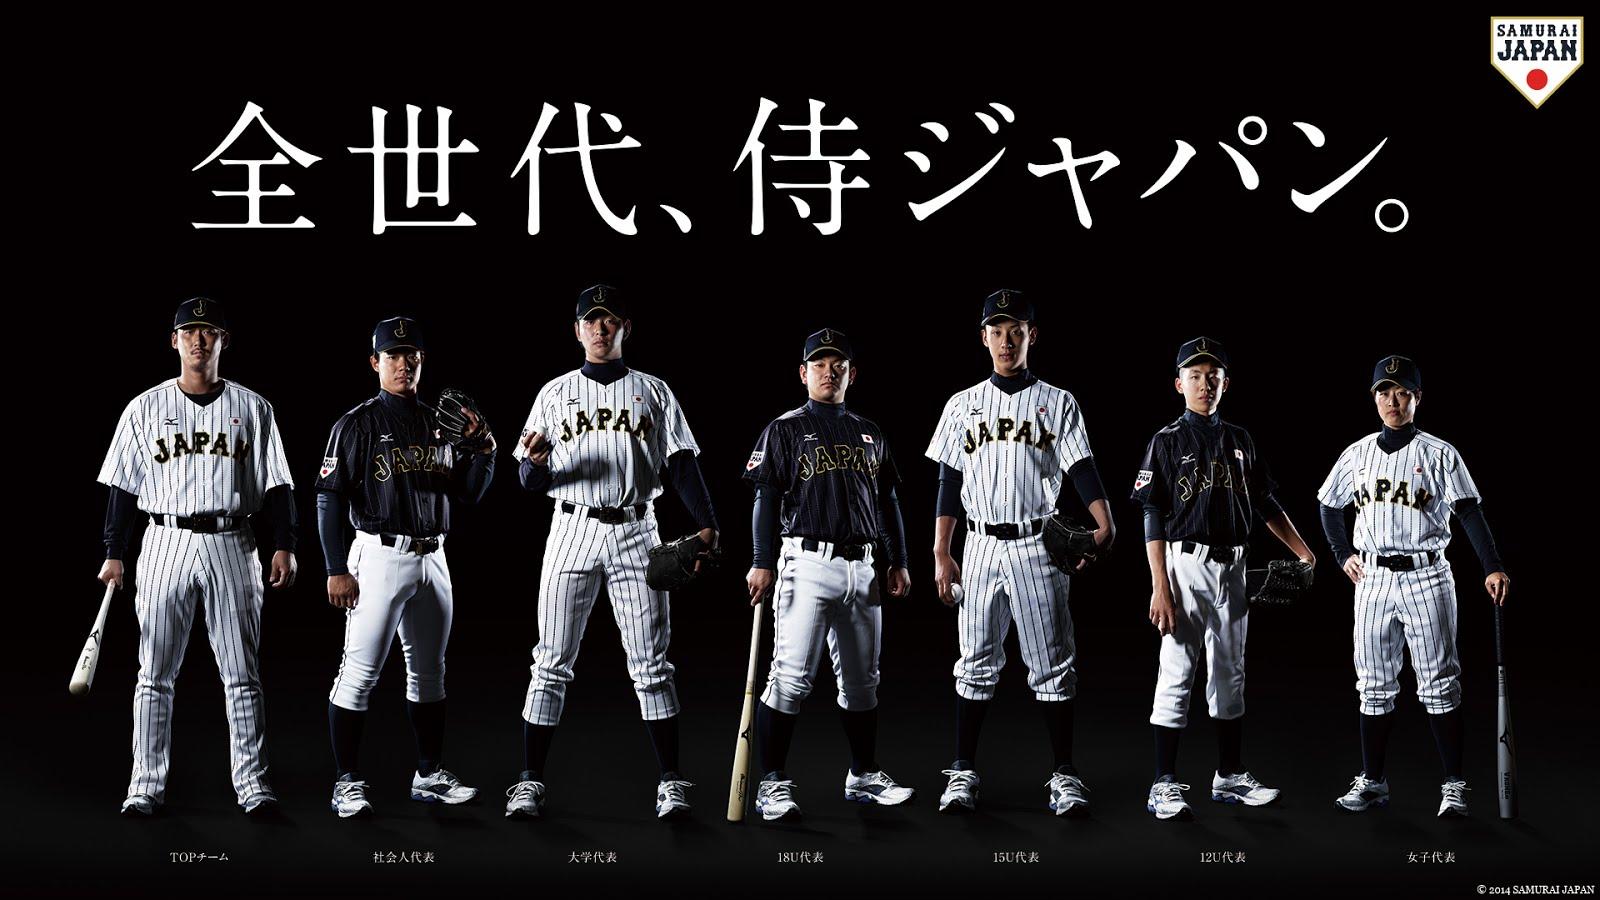 侍JAPANホーム